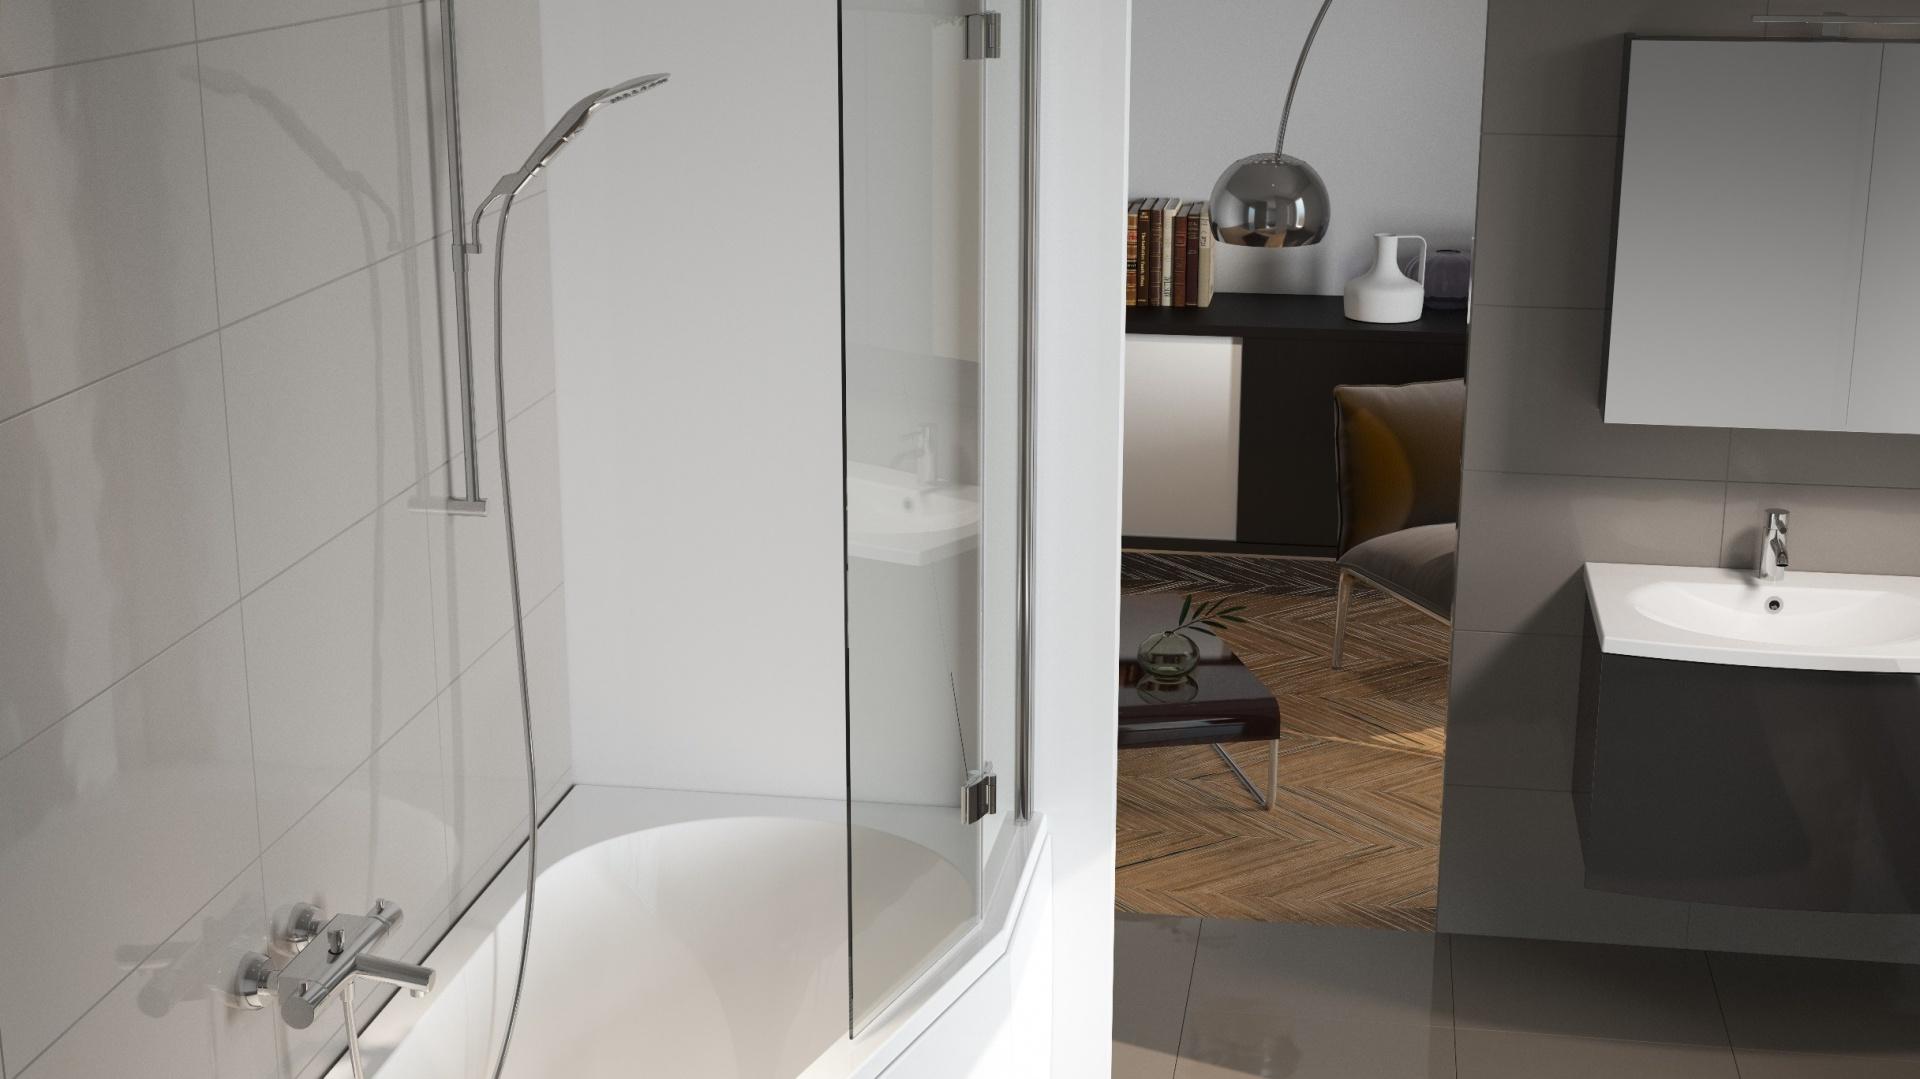 Wanna akrylowa Delta z parawanem i obudową - parawan nawannowy to świetny sposób na połączenie funkcji wanny i prysznica w małej łazience. Fot. Riho.